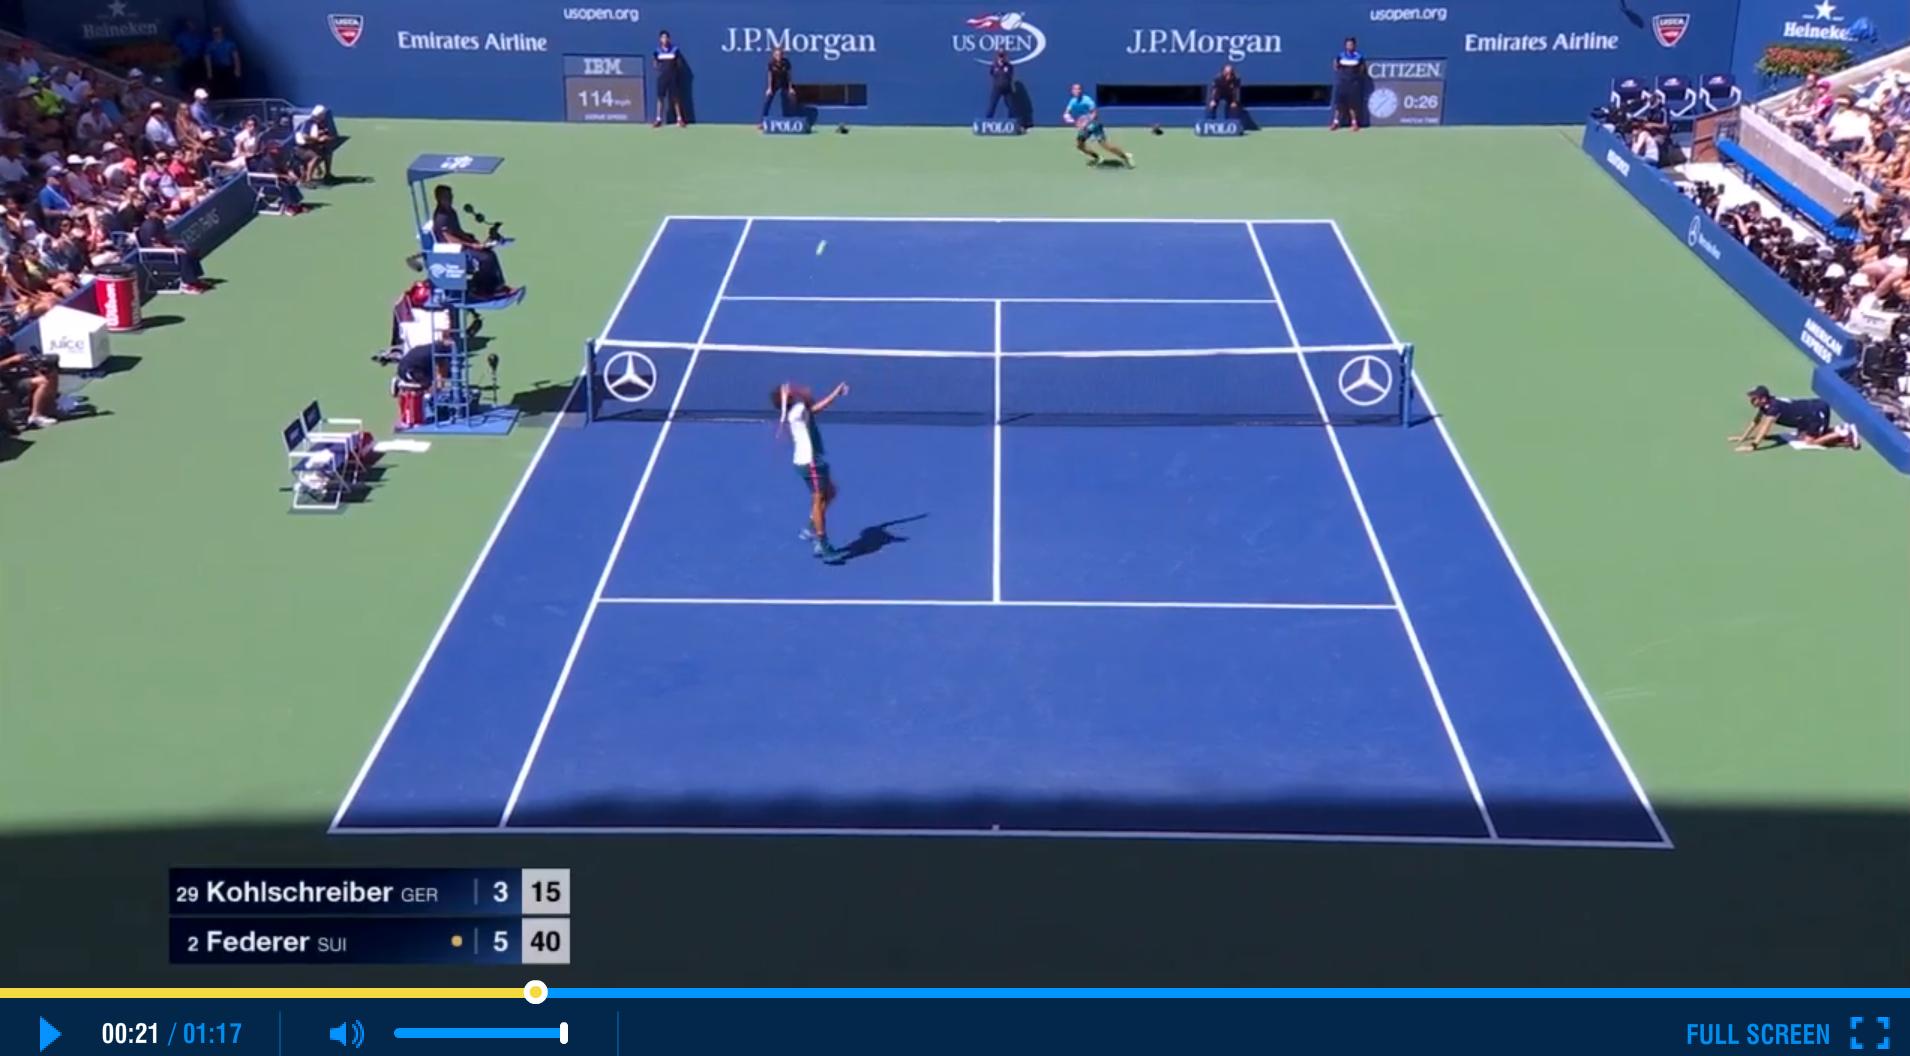 Federer US Open 2015 Third Round Highlights